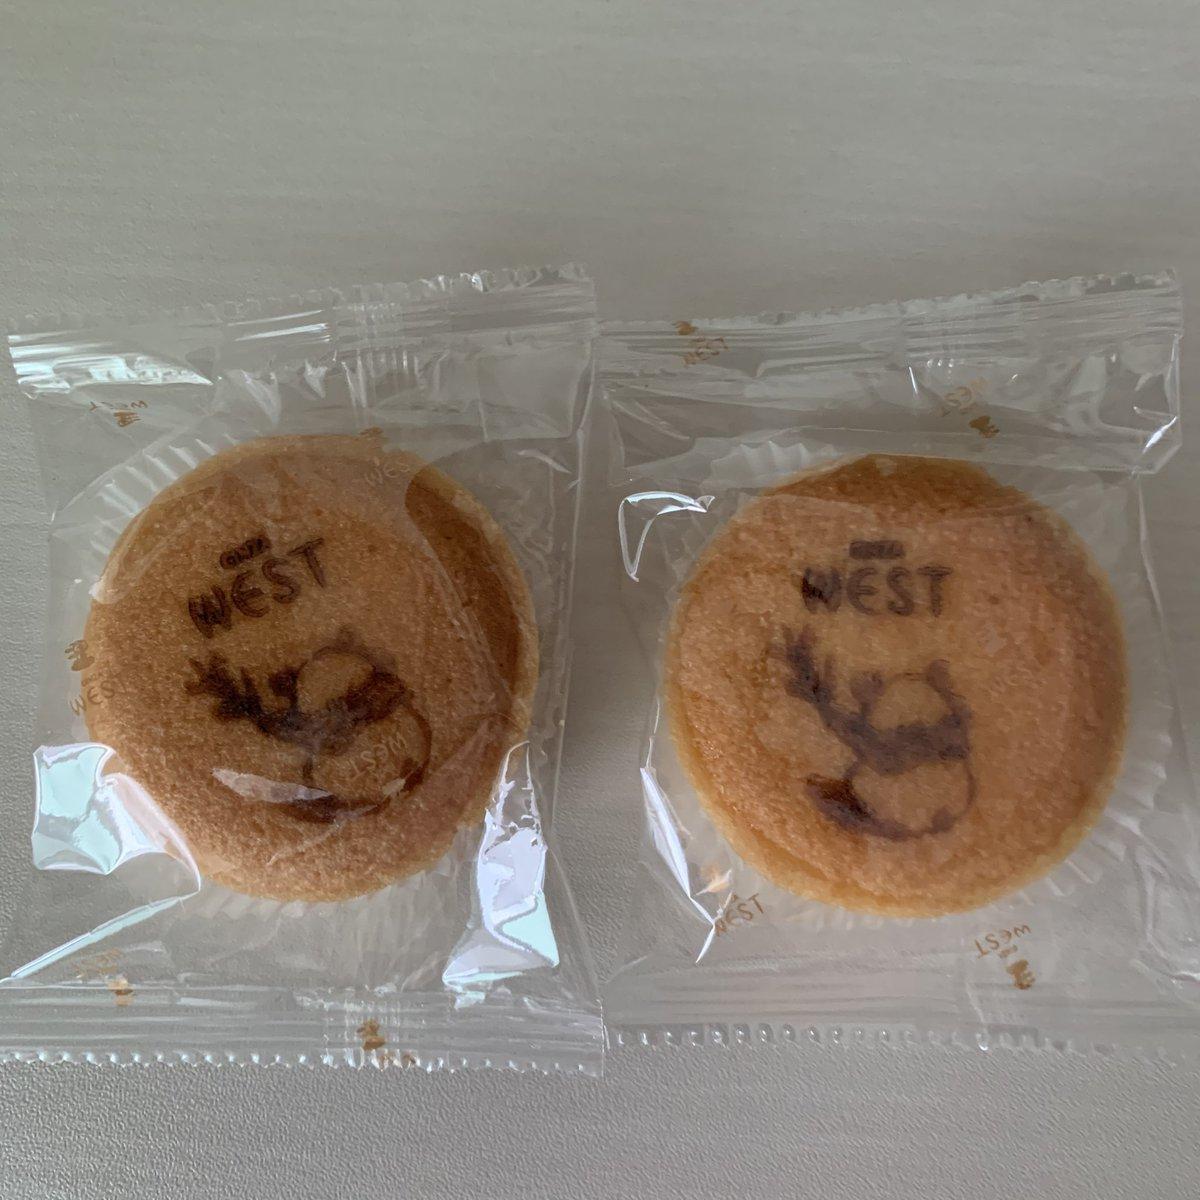 test ツイッターメディア - 銀座ウエストの上野松坂屋限定のパンダ柄入りソフトタルト購入。味はいつものソフトタルト。(^_^) https://t.co/3Xmkg2HuEO